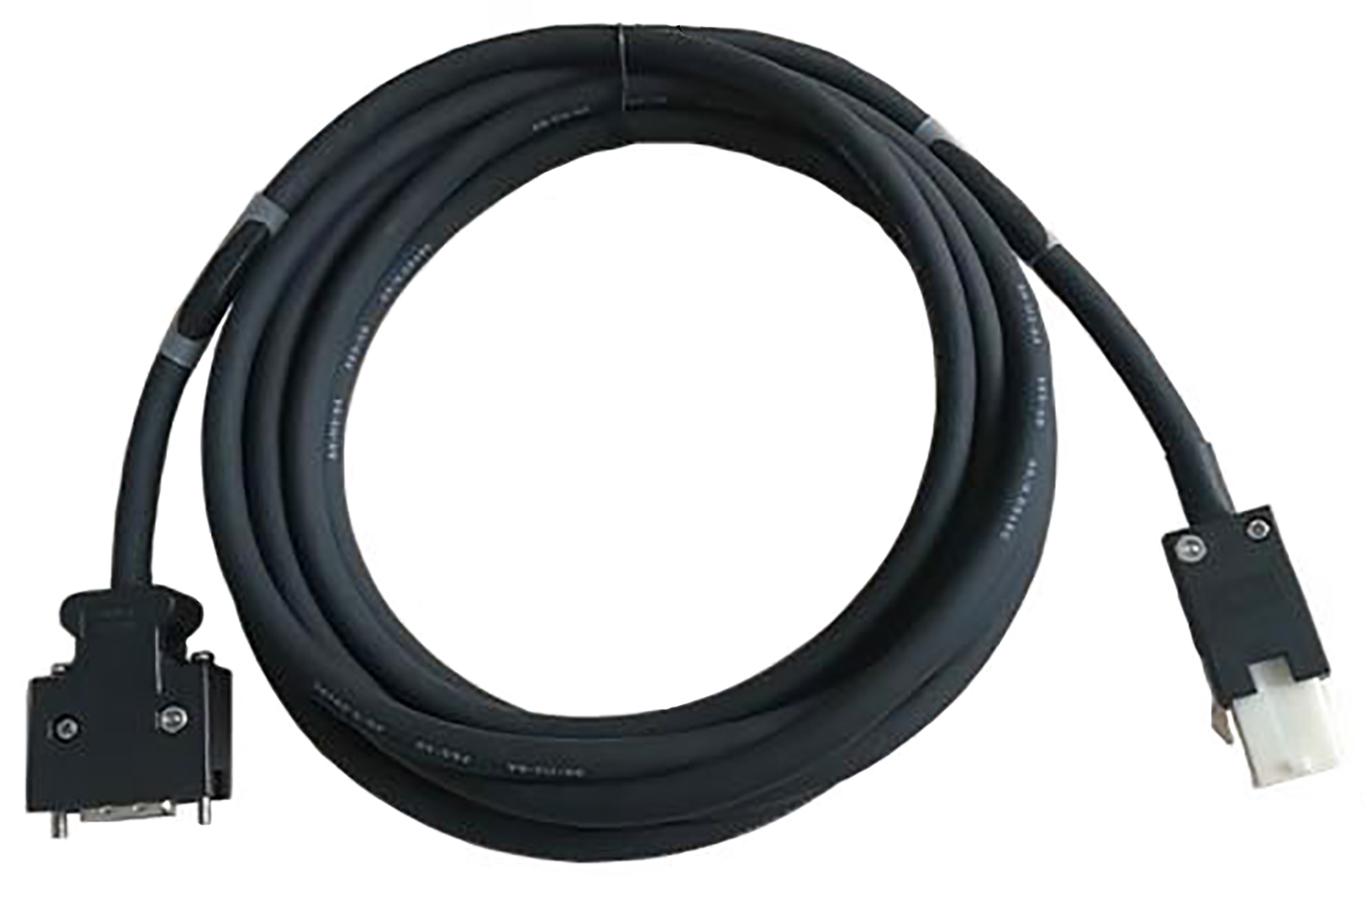 伺服系统编码器连接电缆